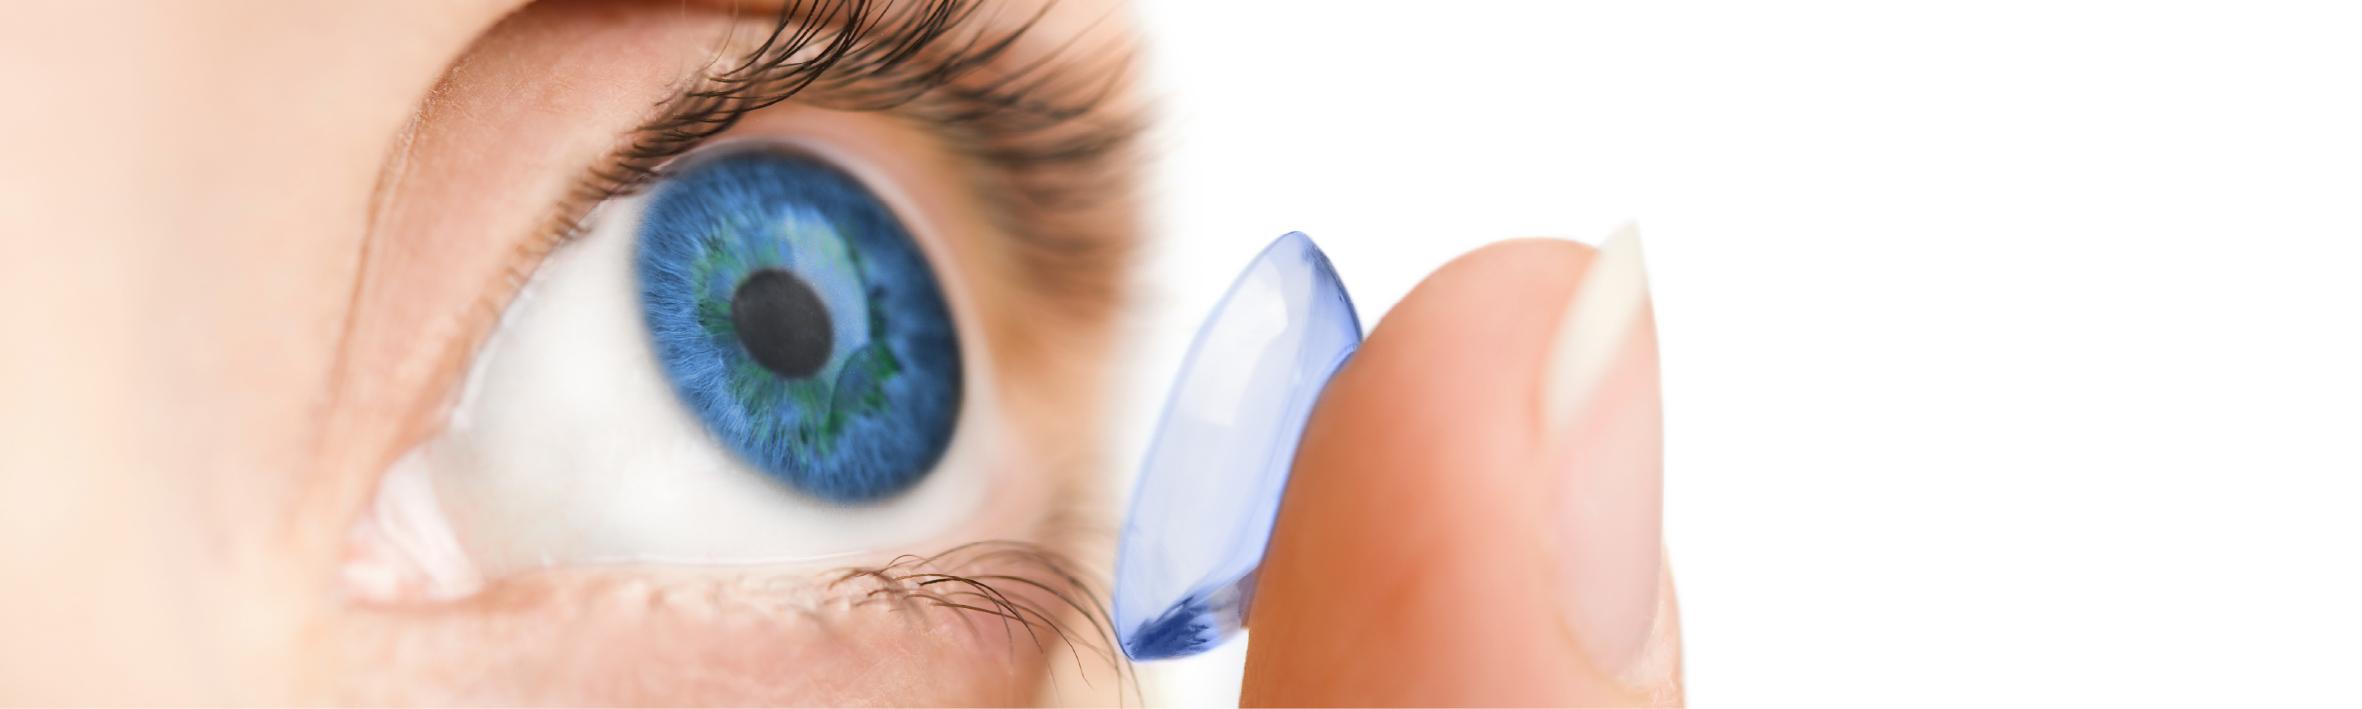 Suho oko in kontaktne leče (članek)